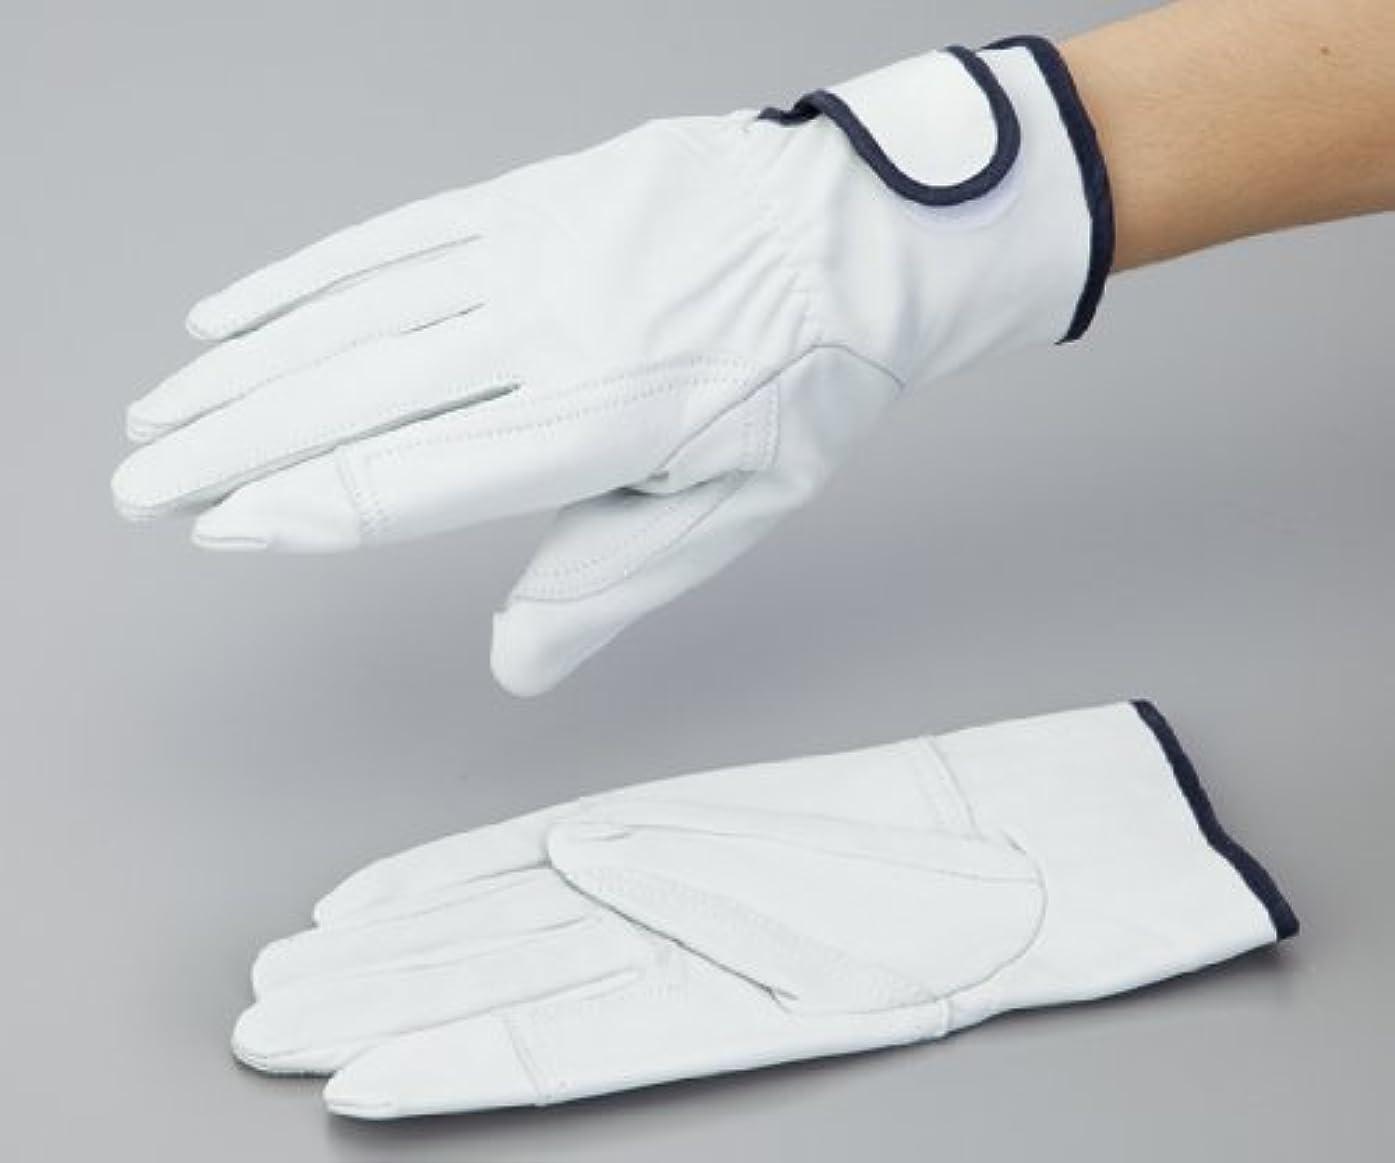 広範囲レイアウト蓄積する2-2384-01牛表革手袋手首マジックファスナー付No.706白215mmM